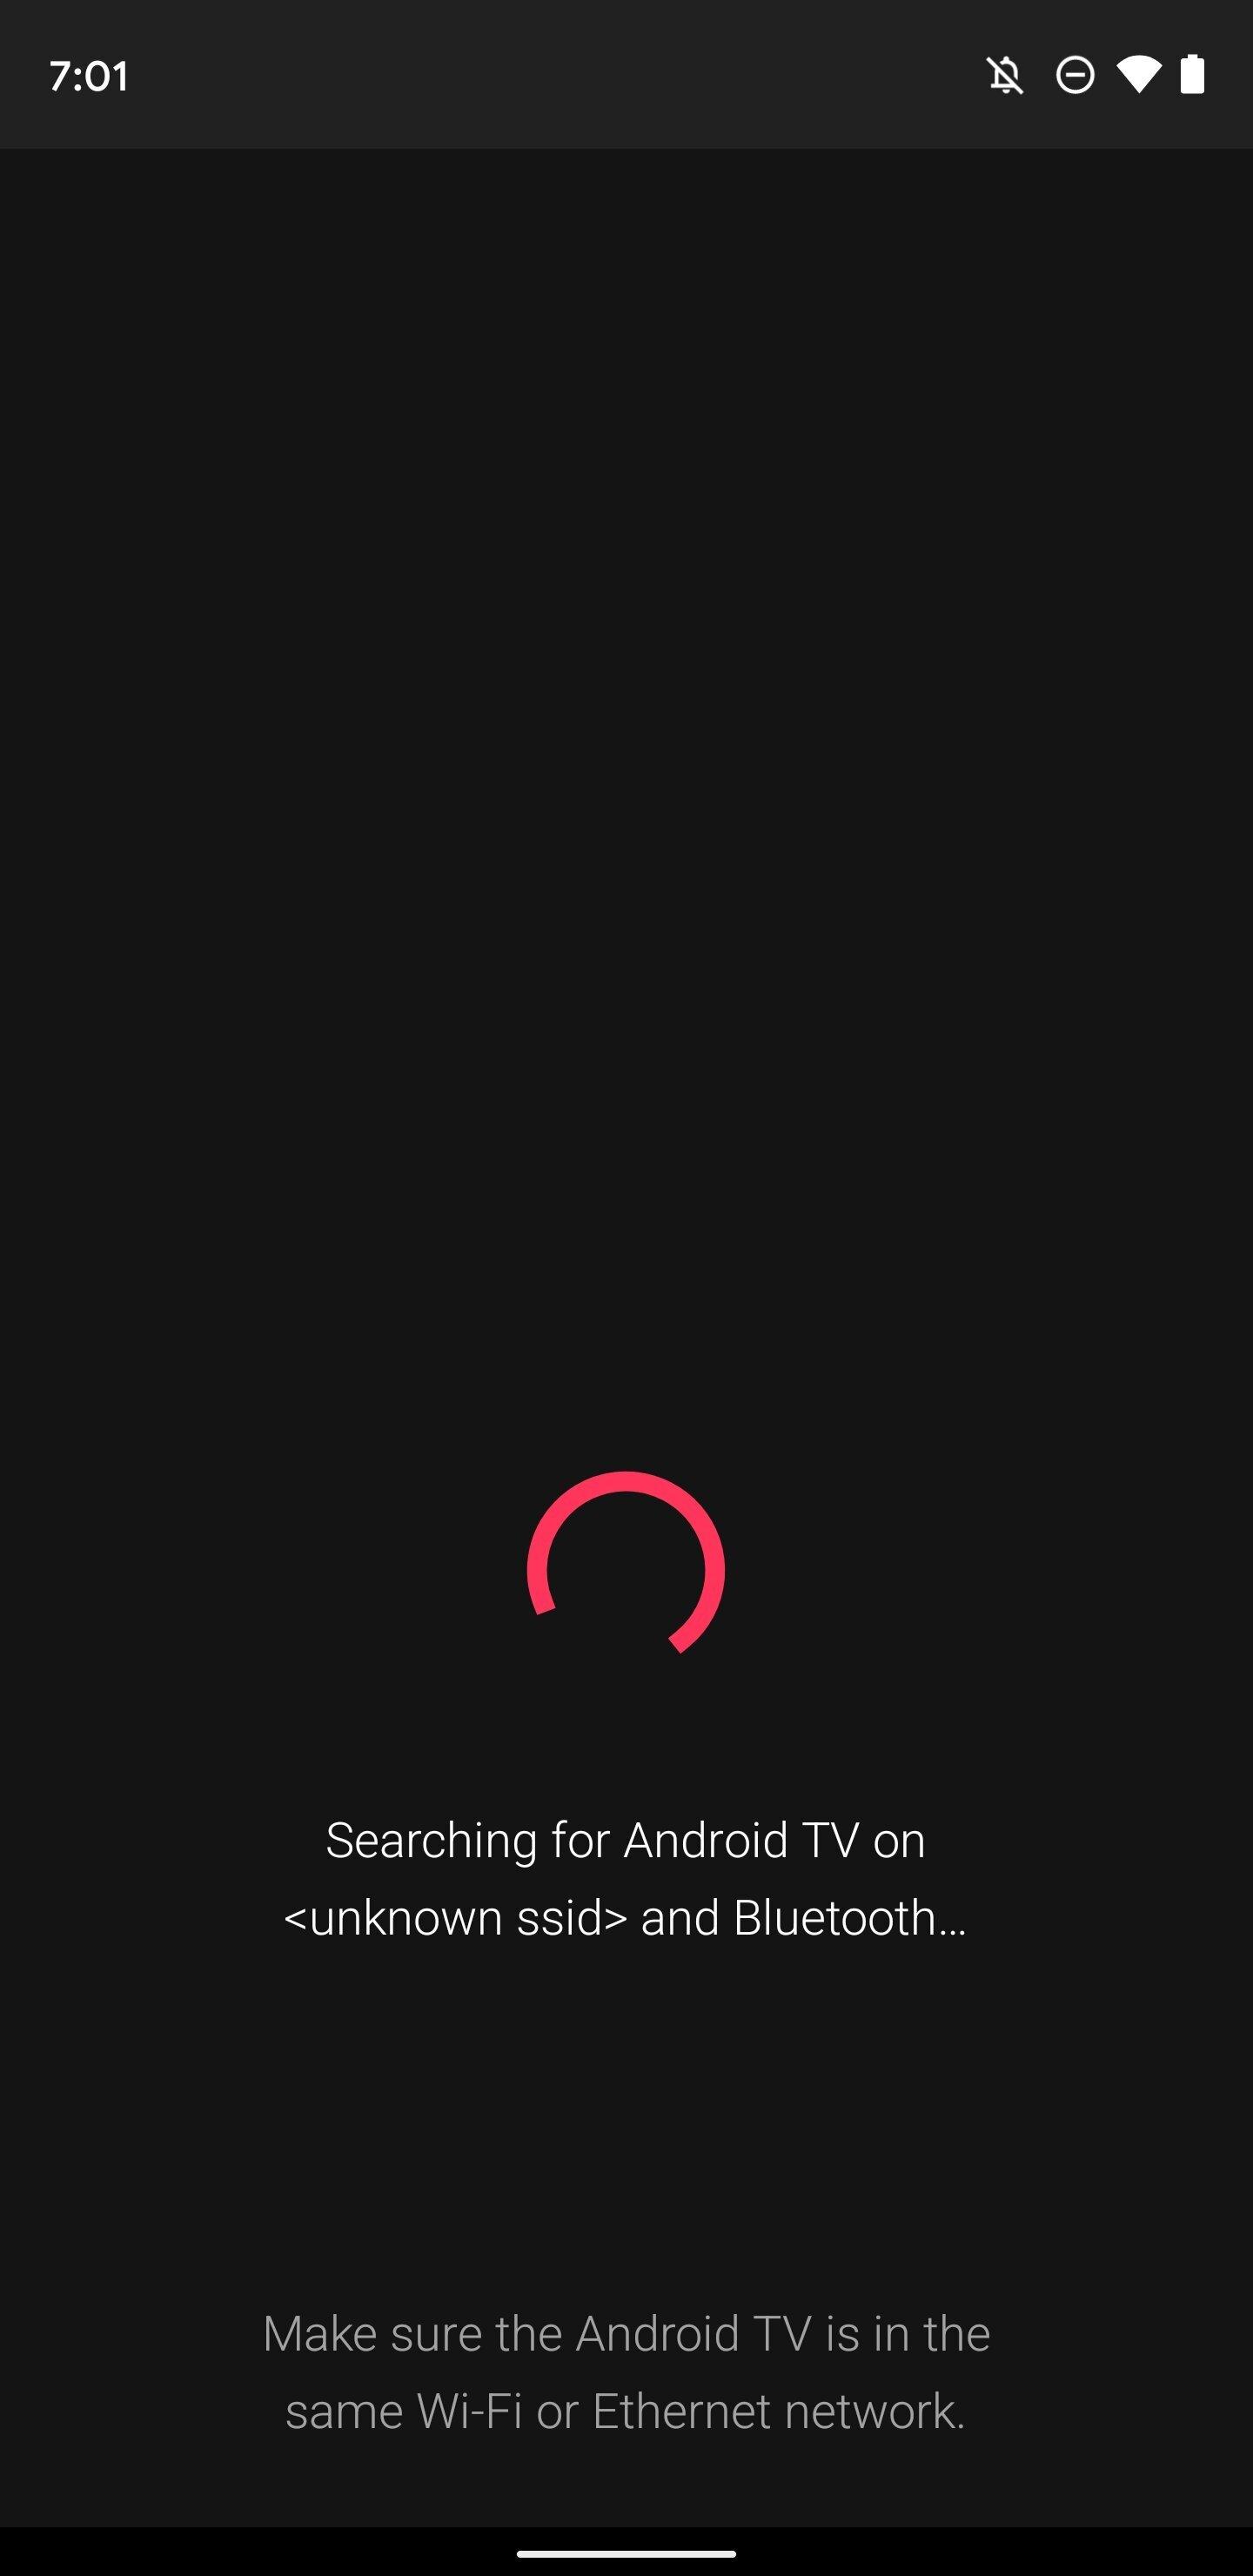 La fonction de télécommande sur Google TV ne fonctionne toujours pas correctement